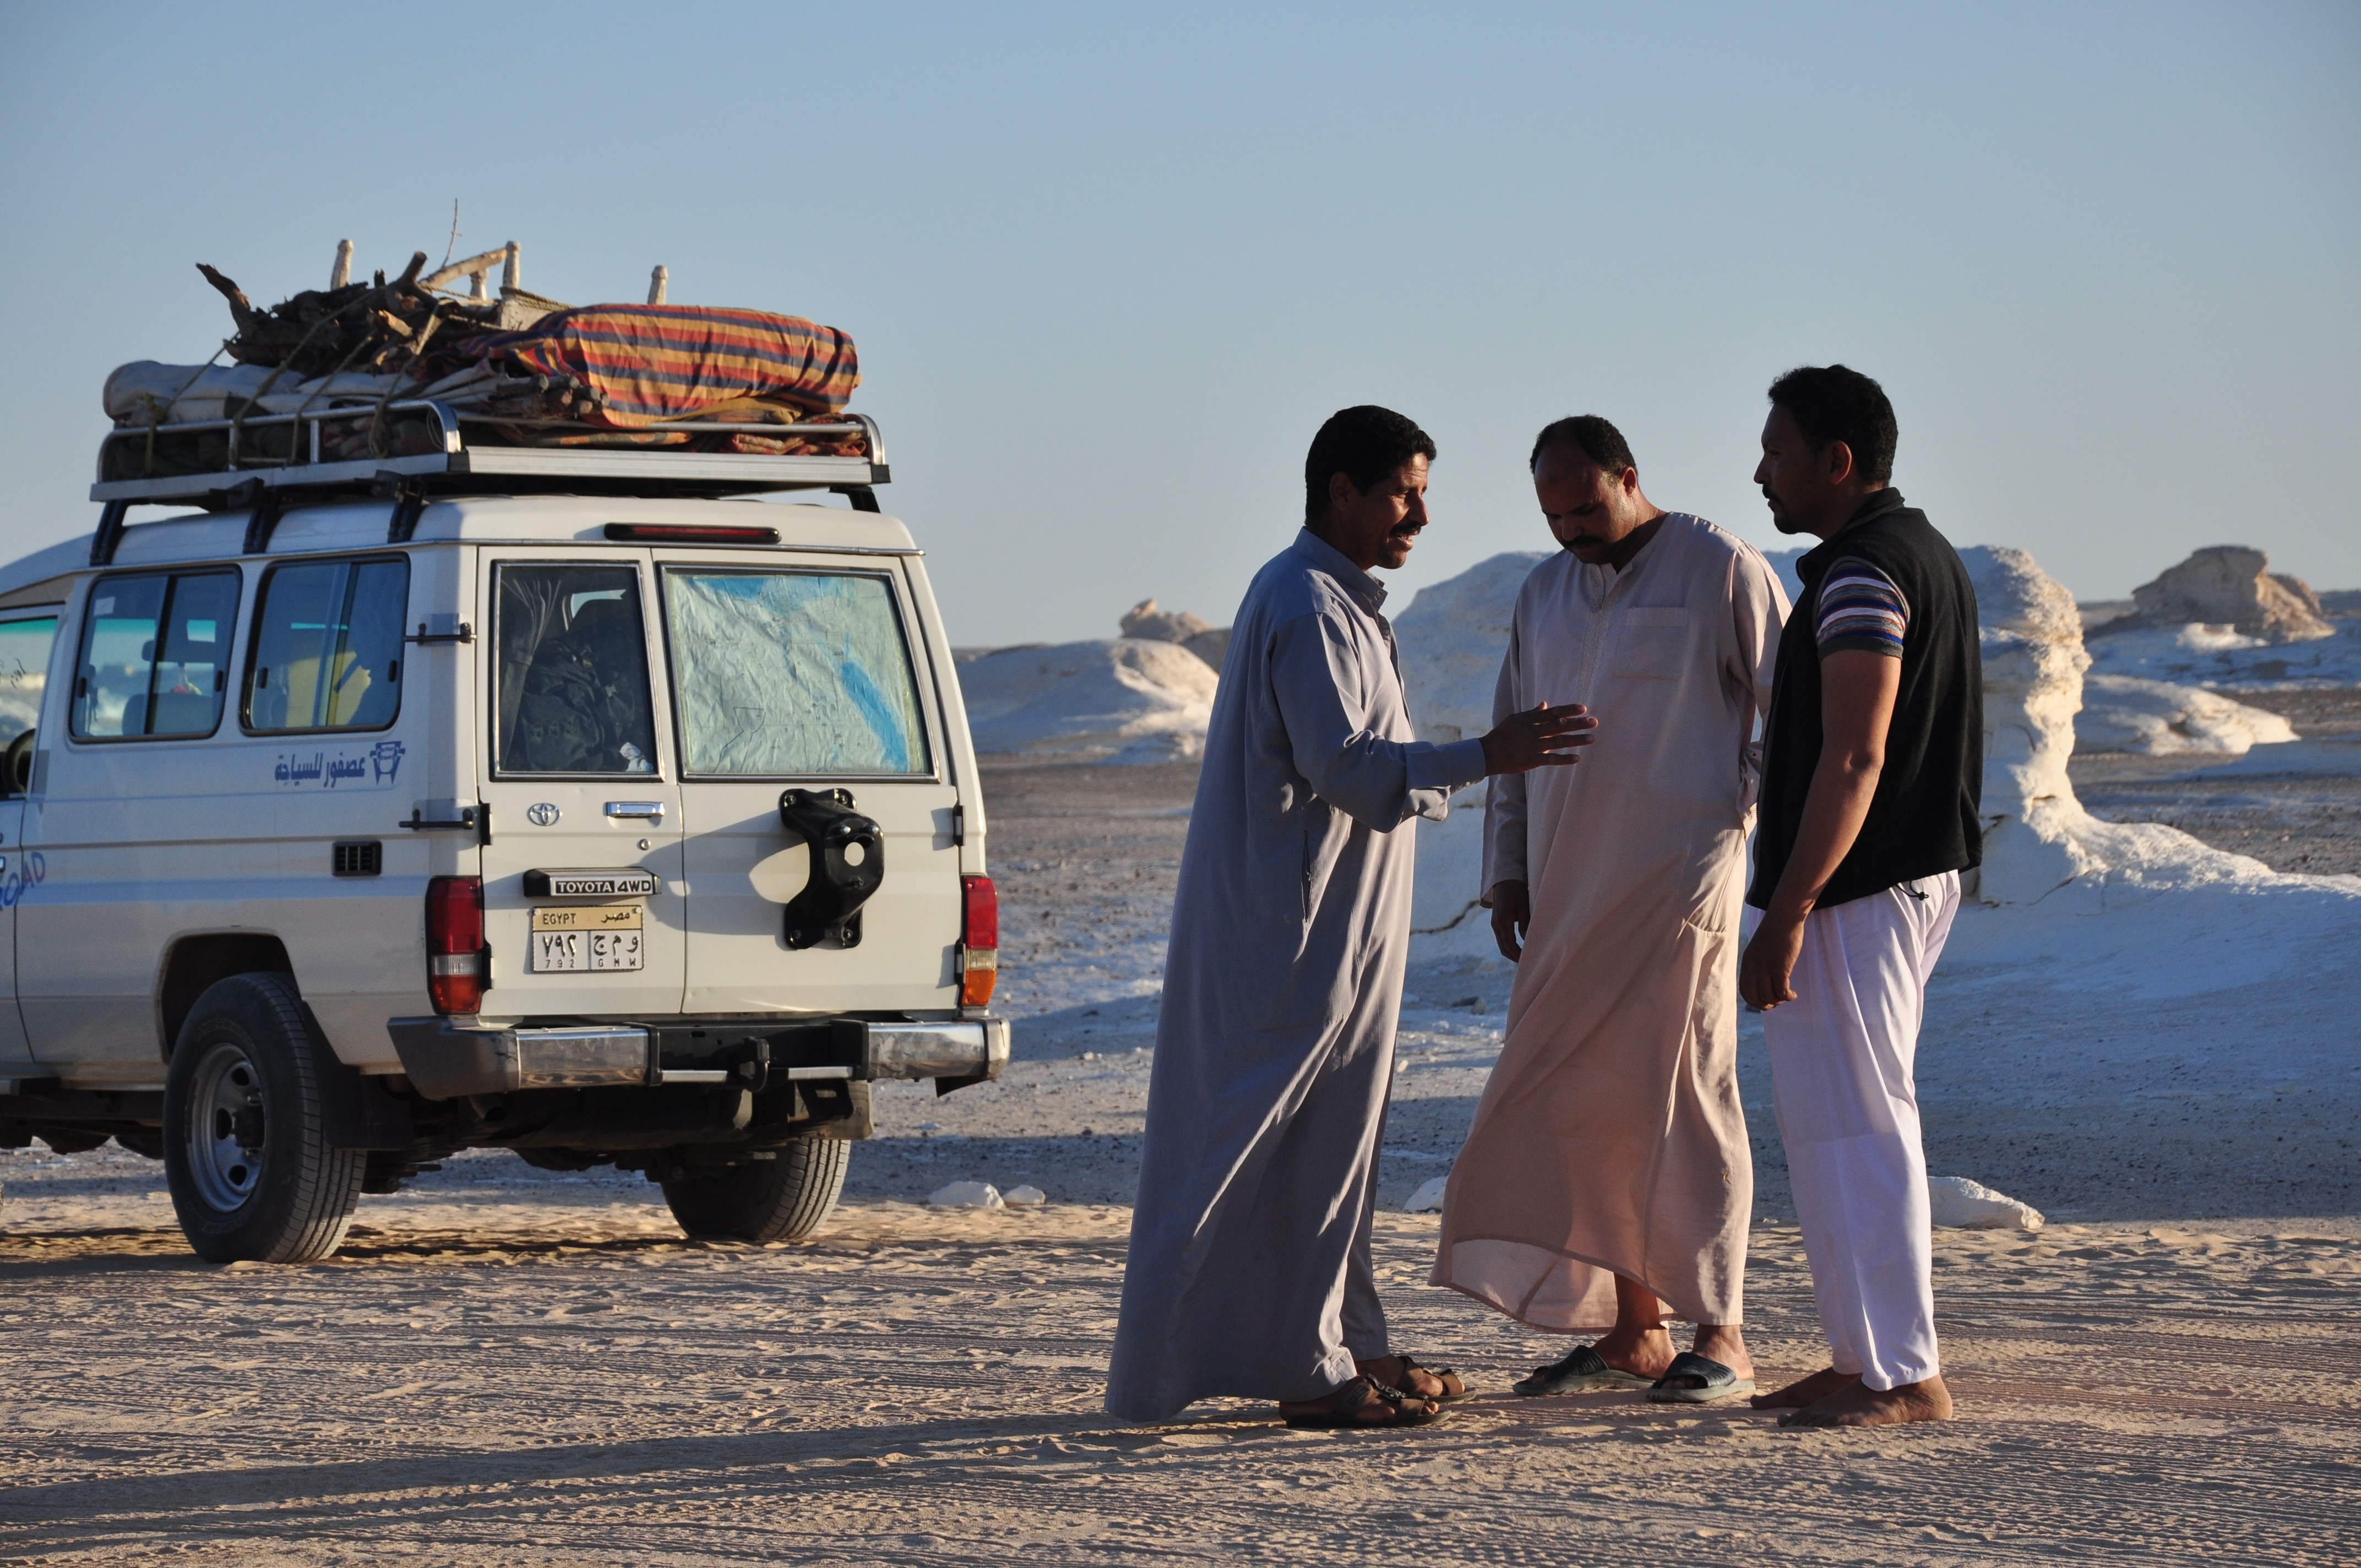 desierto-egipto-mi-vida-en-una-mochila-nati-bainotti